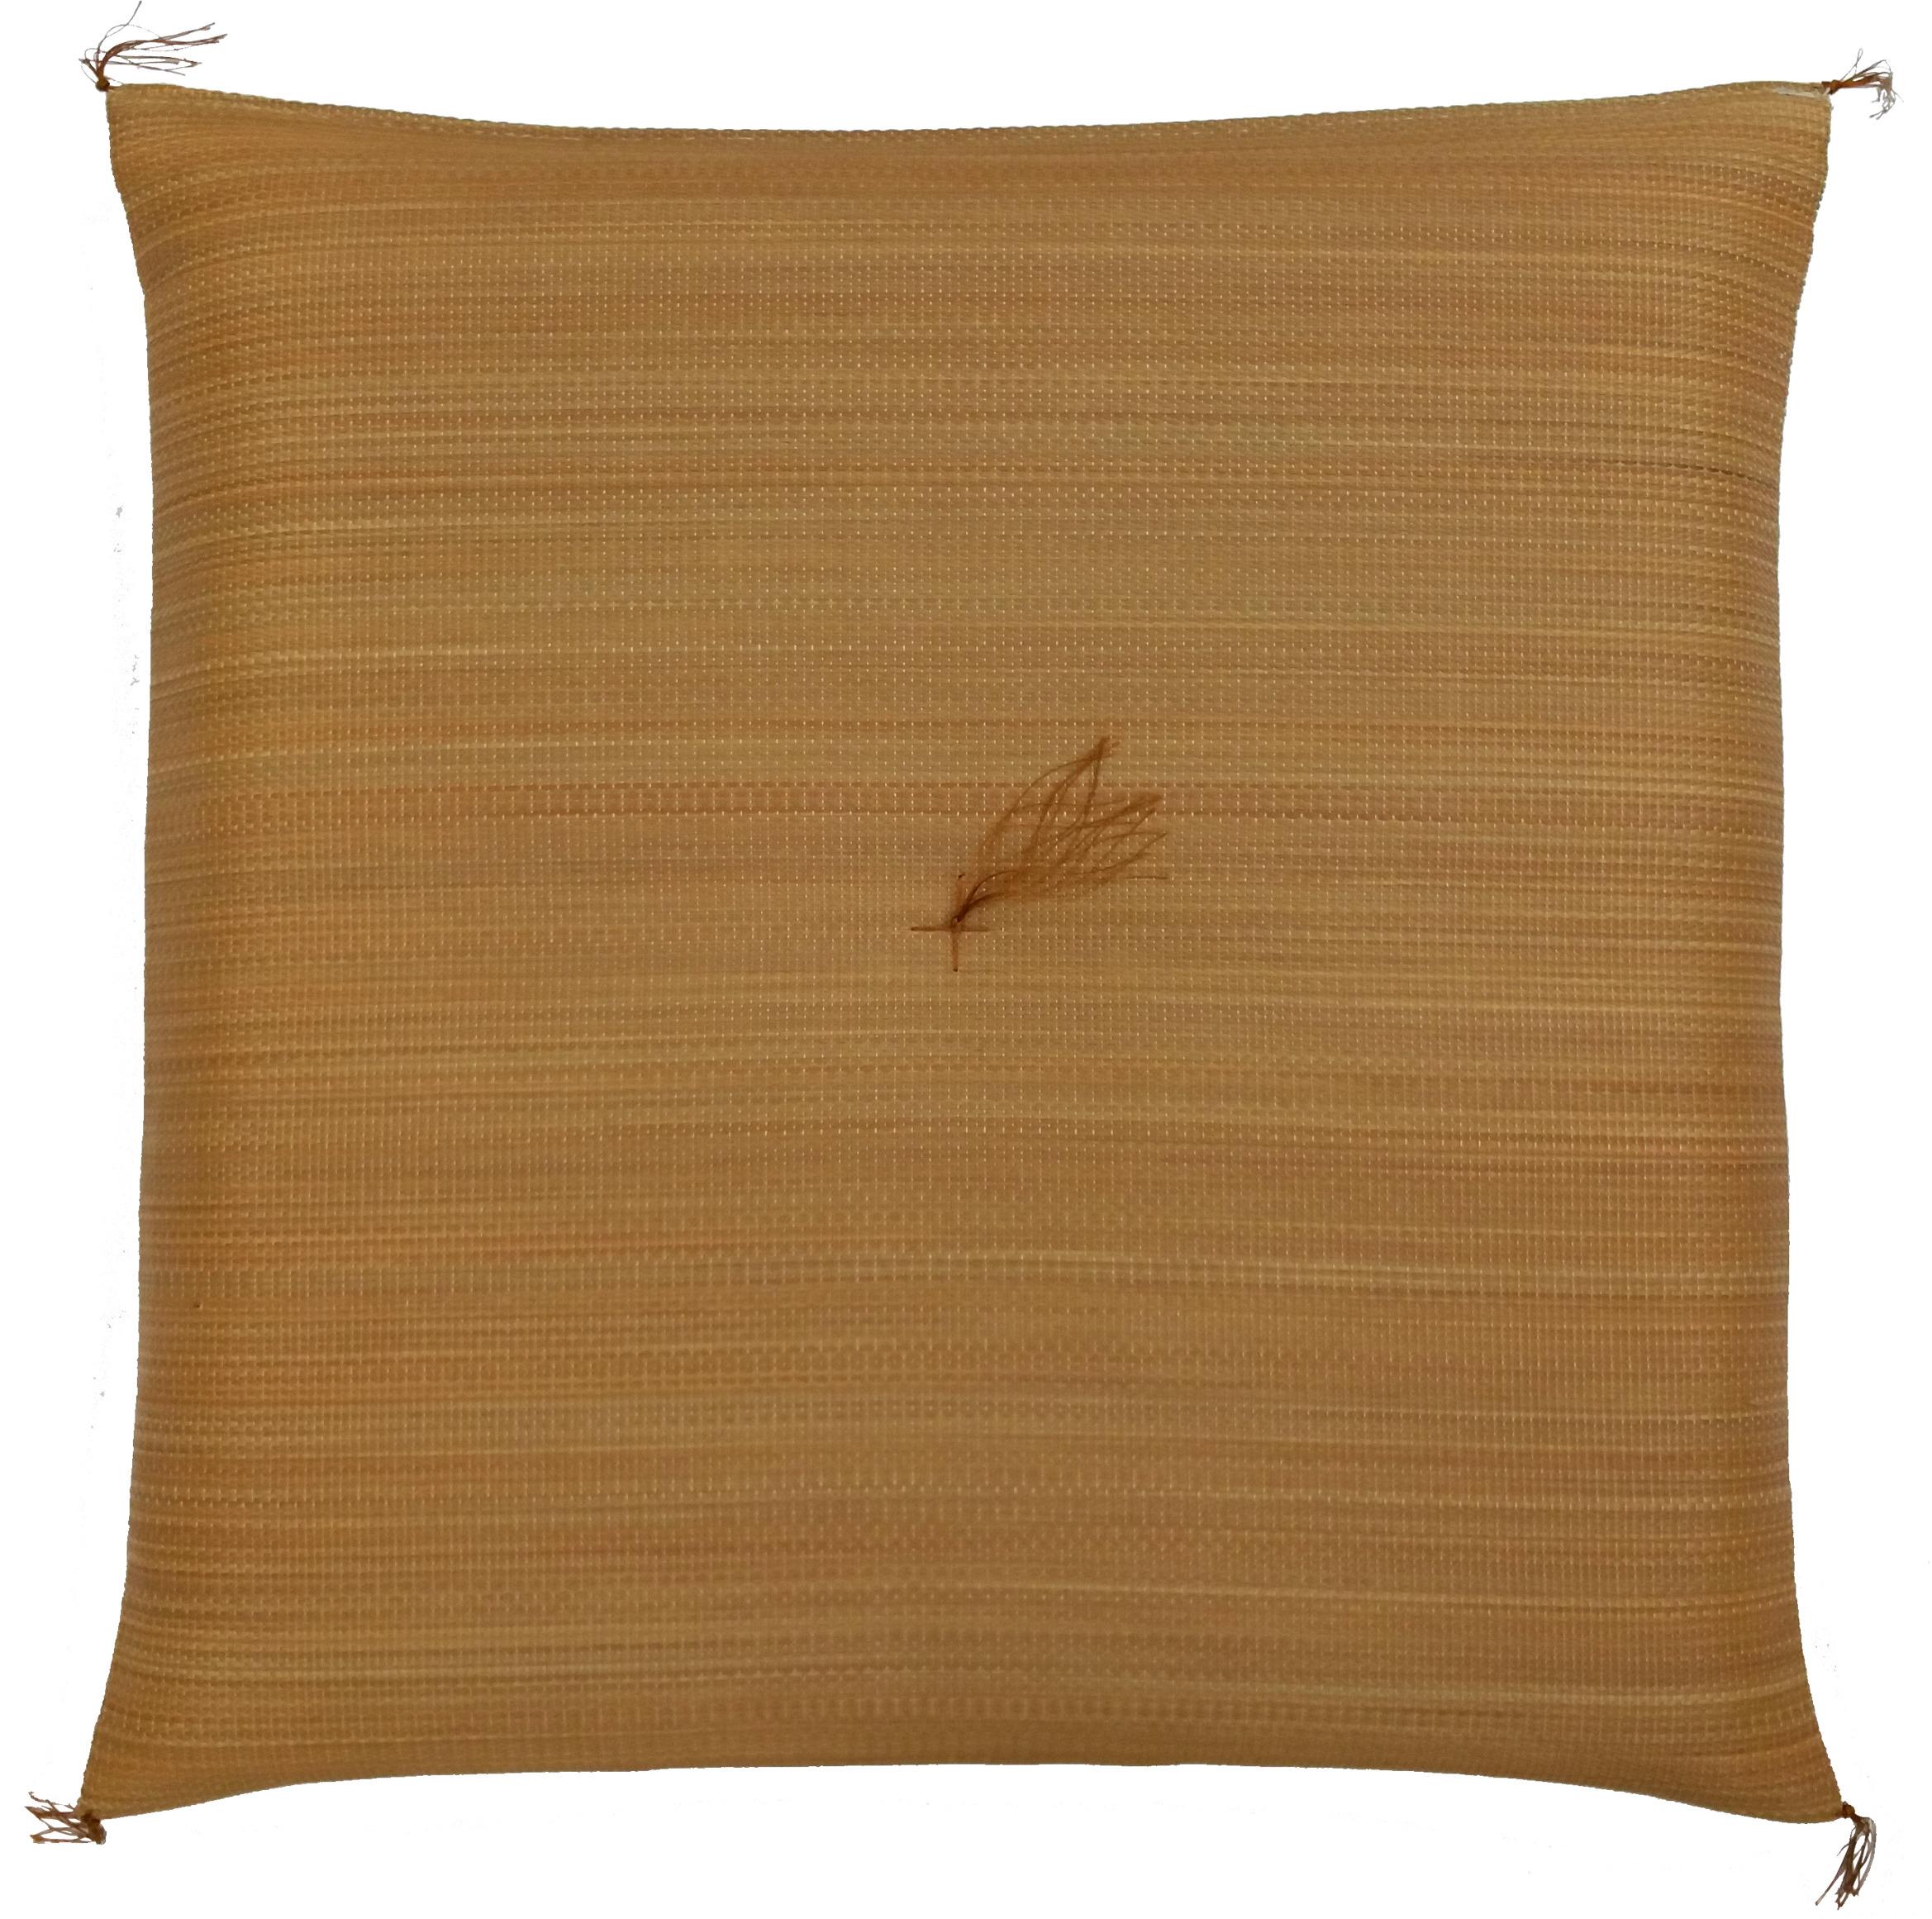 【純国産 い草座布団】ブラウン Japanese Rush Grass Cushion : BROWN